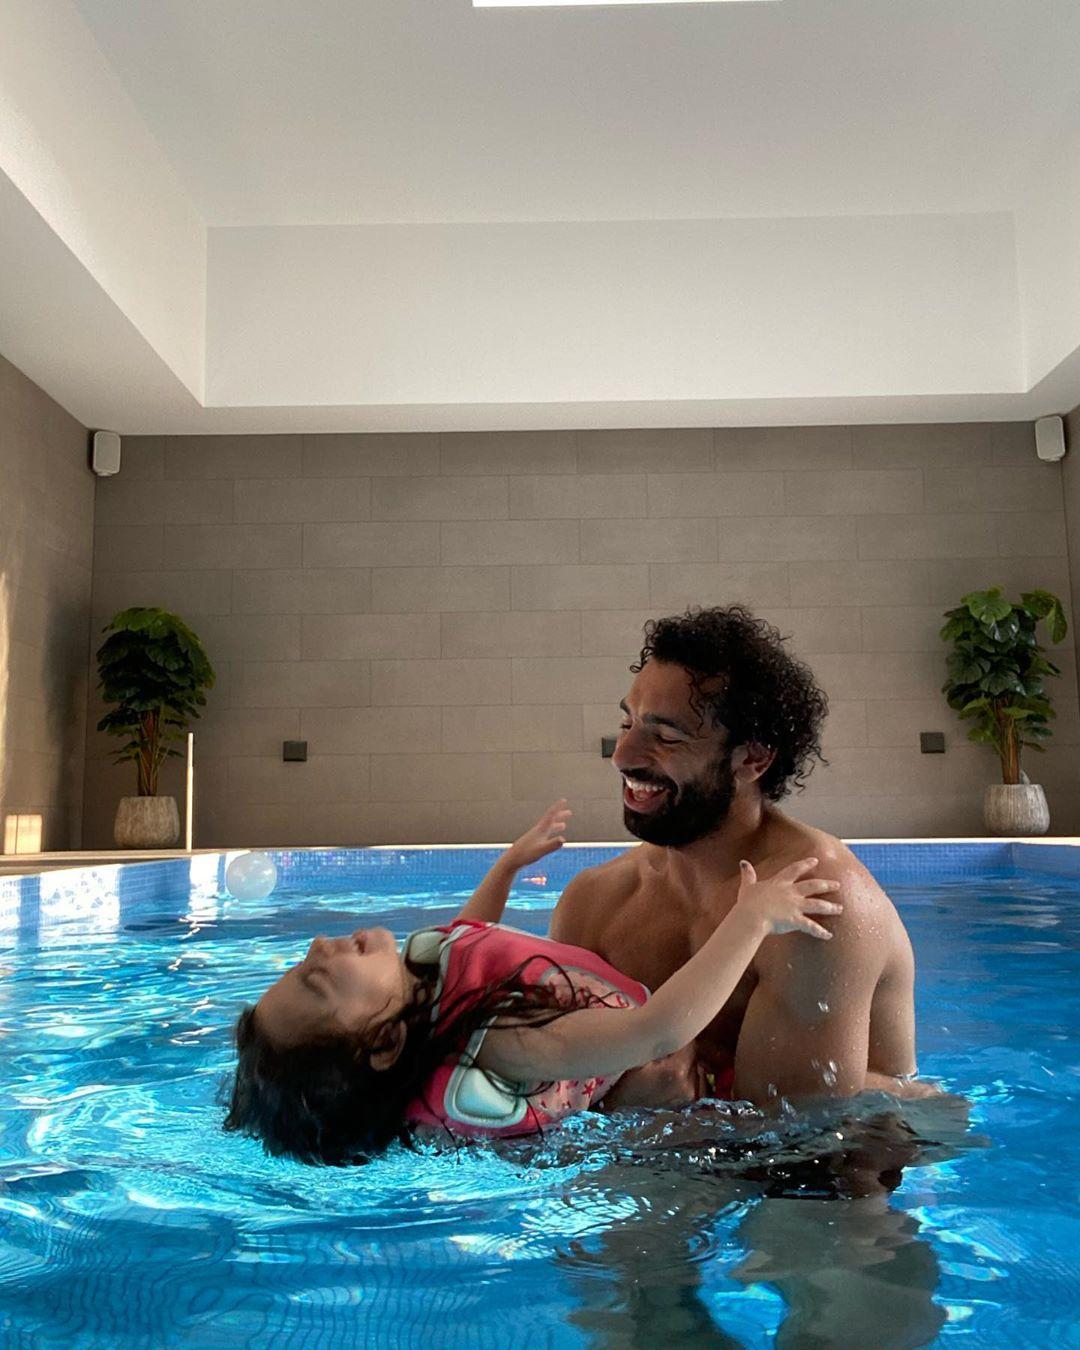 مكة ومحمد صلاح فى حمام السباحة